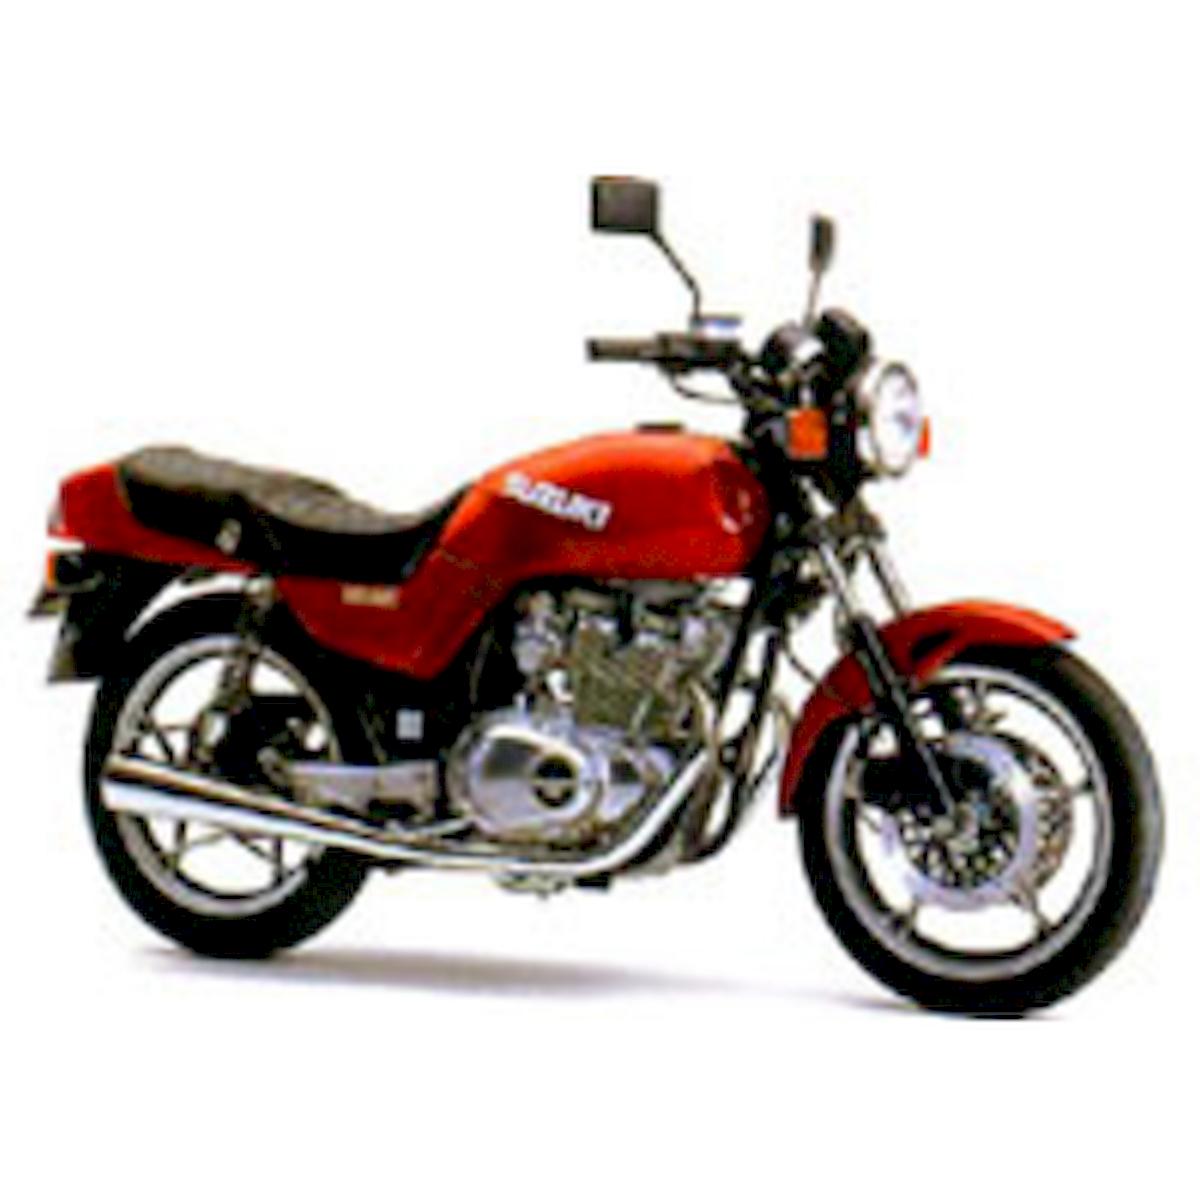 Image of SUZUKI GSX 400